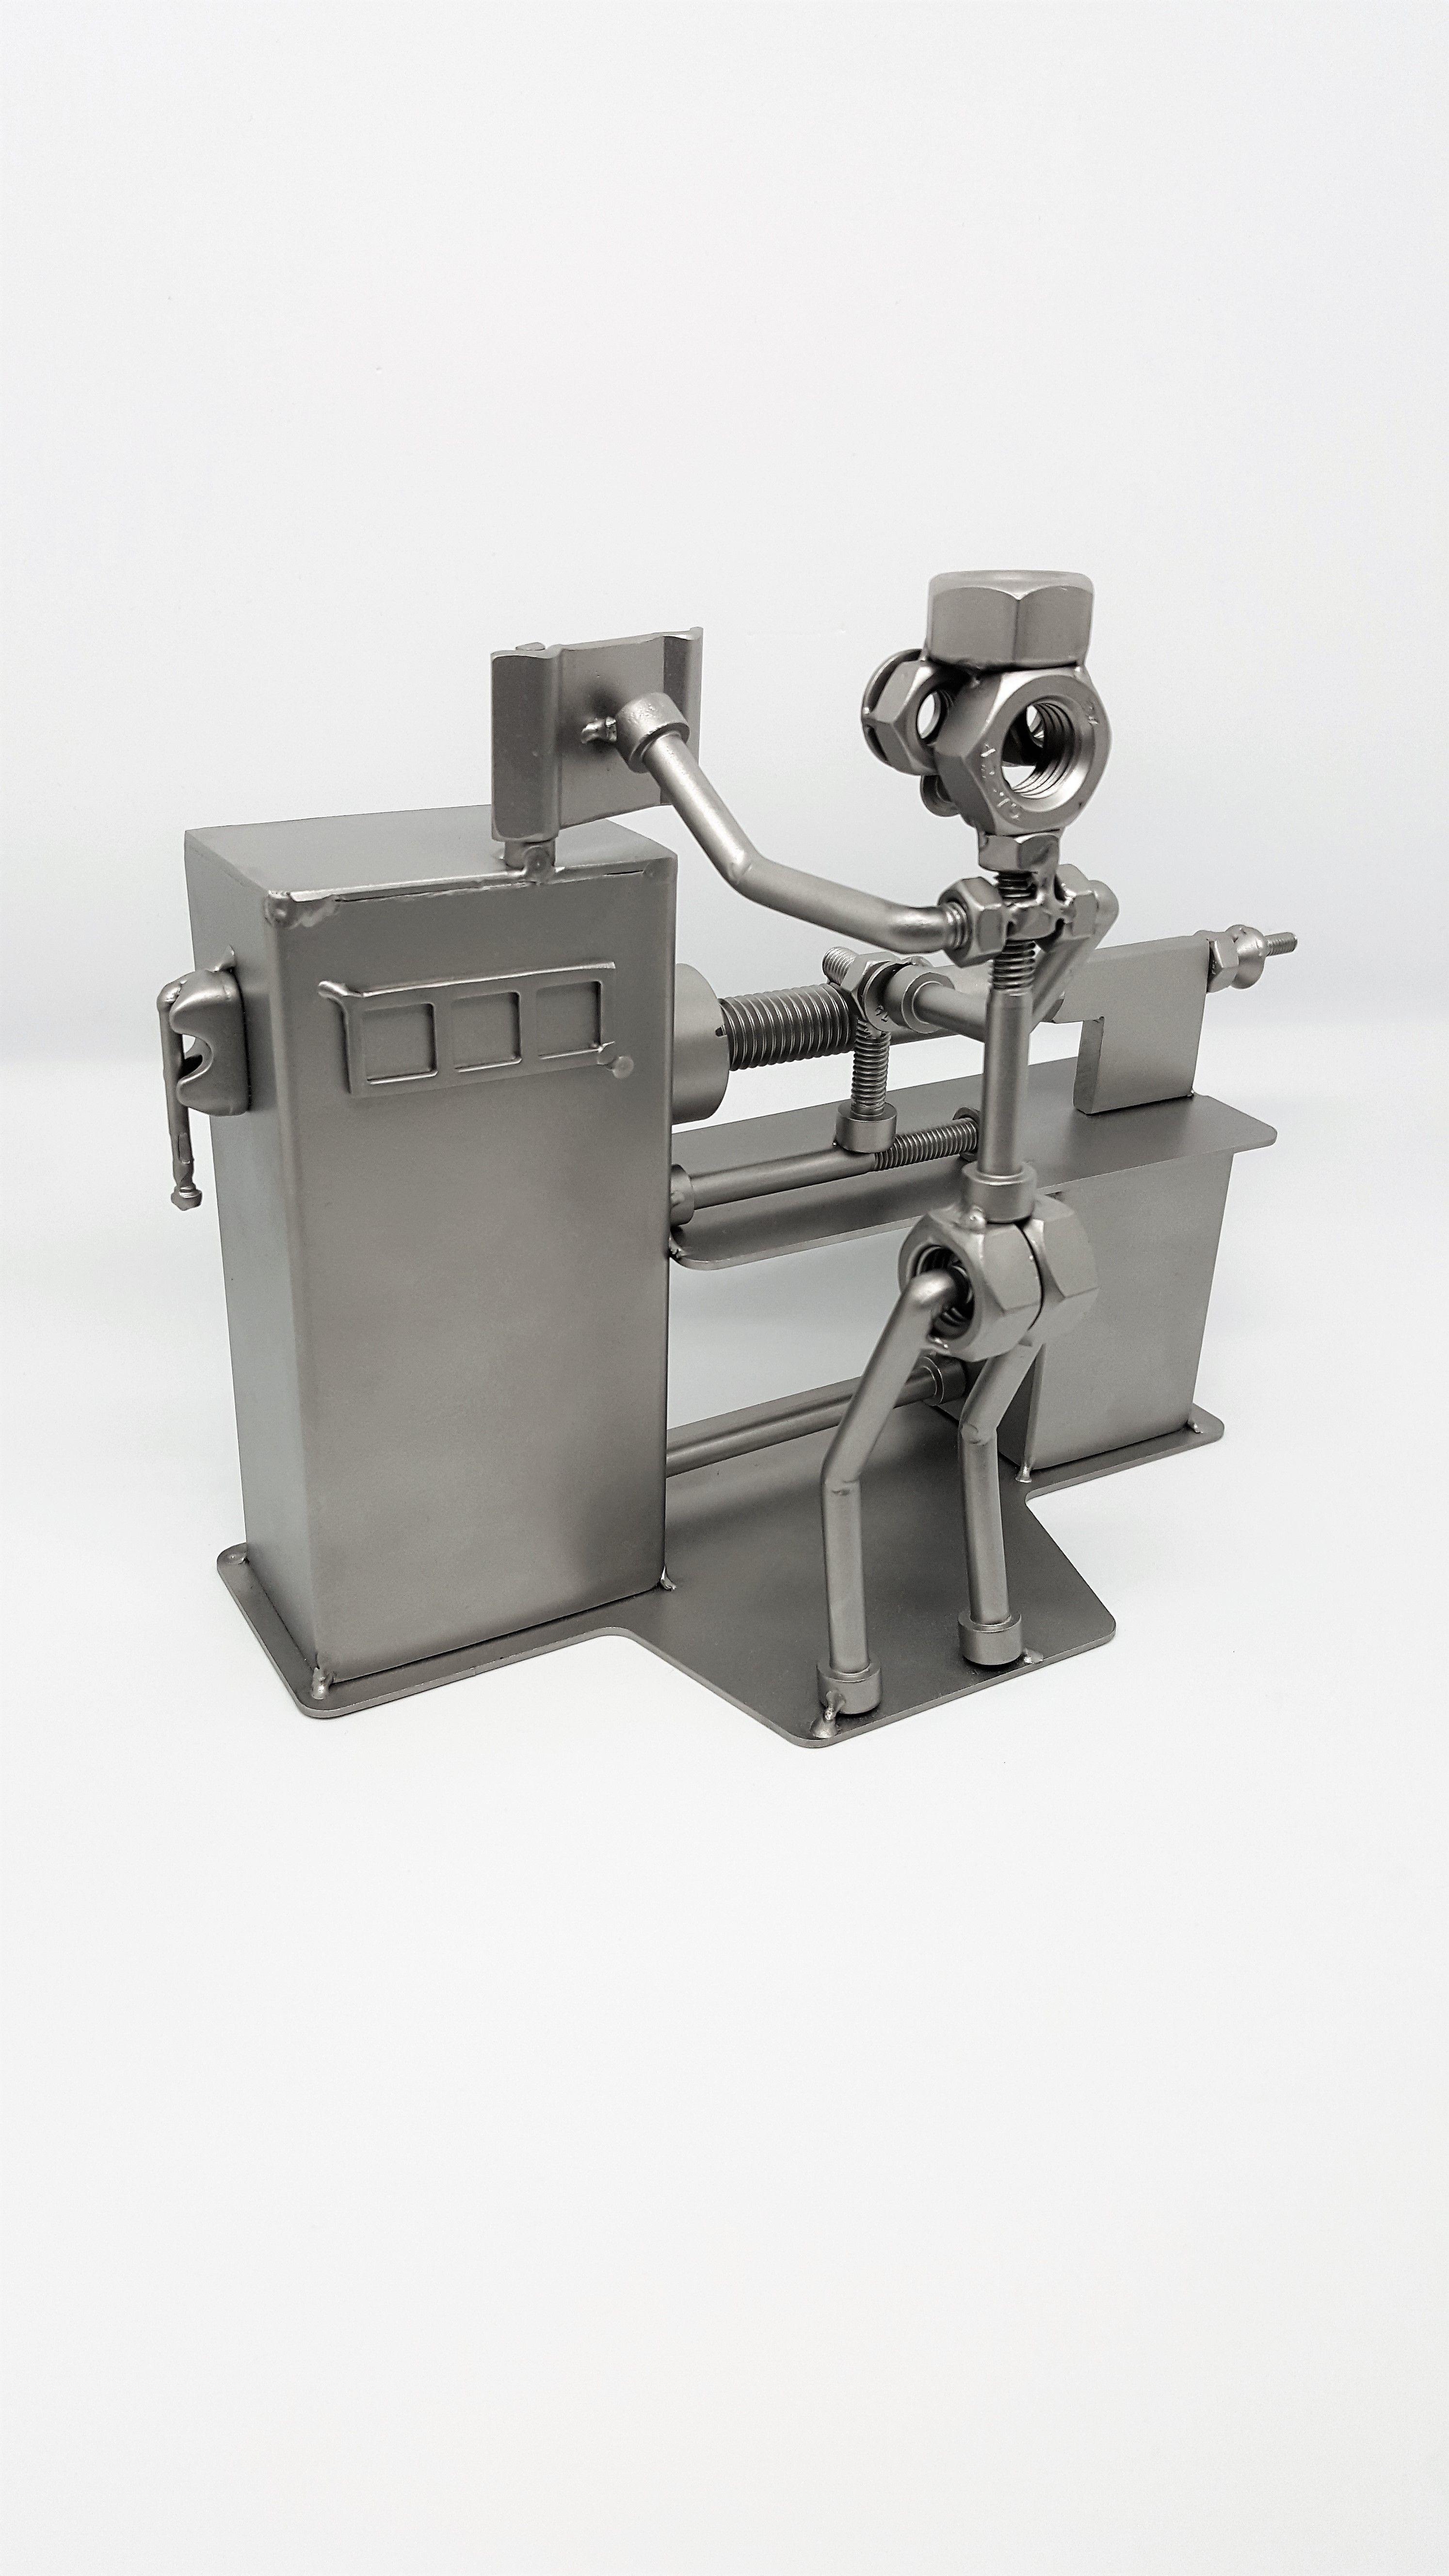 Pr ximo figuras y mu ecos realizados a mano con tornillos - Figuras de acero inoxidable ...